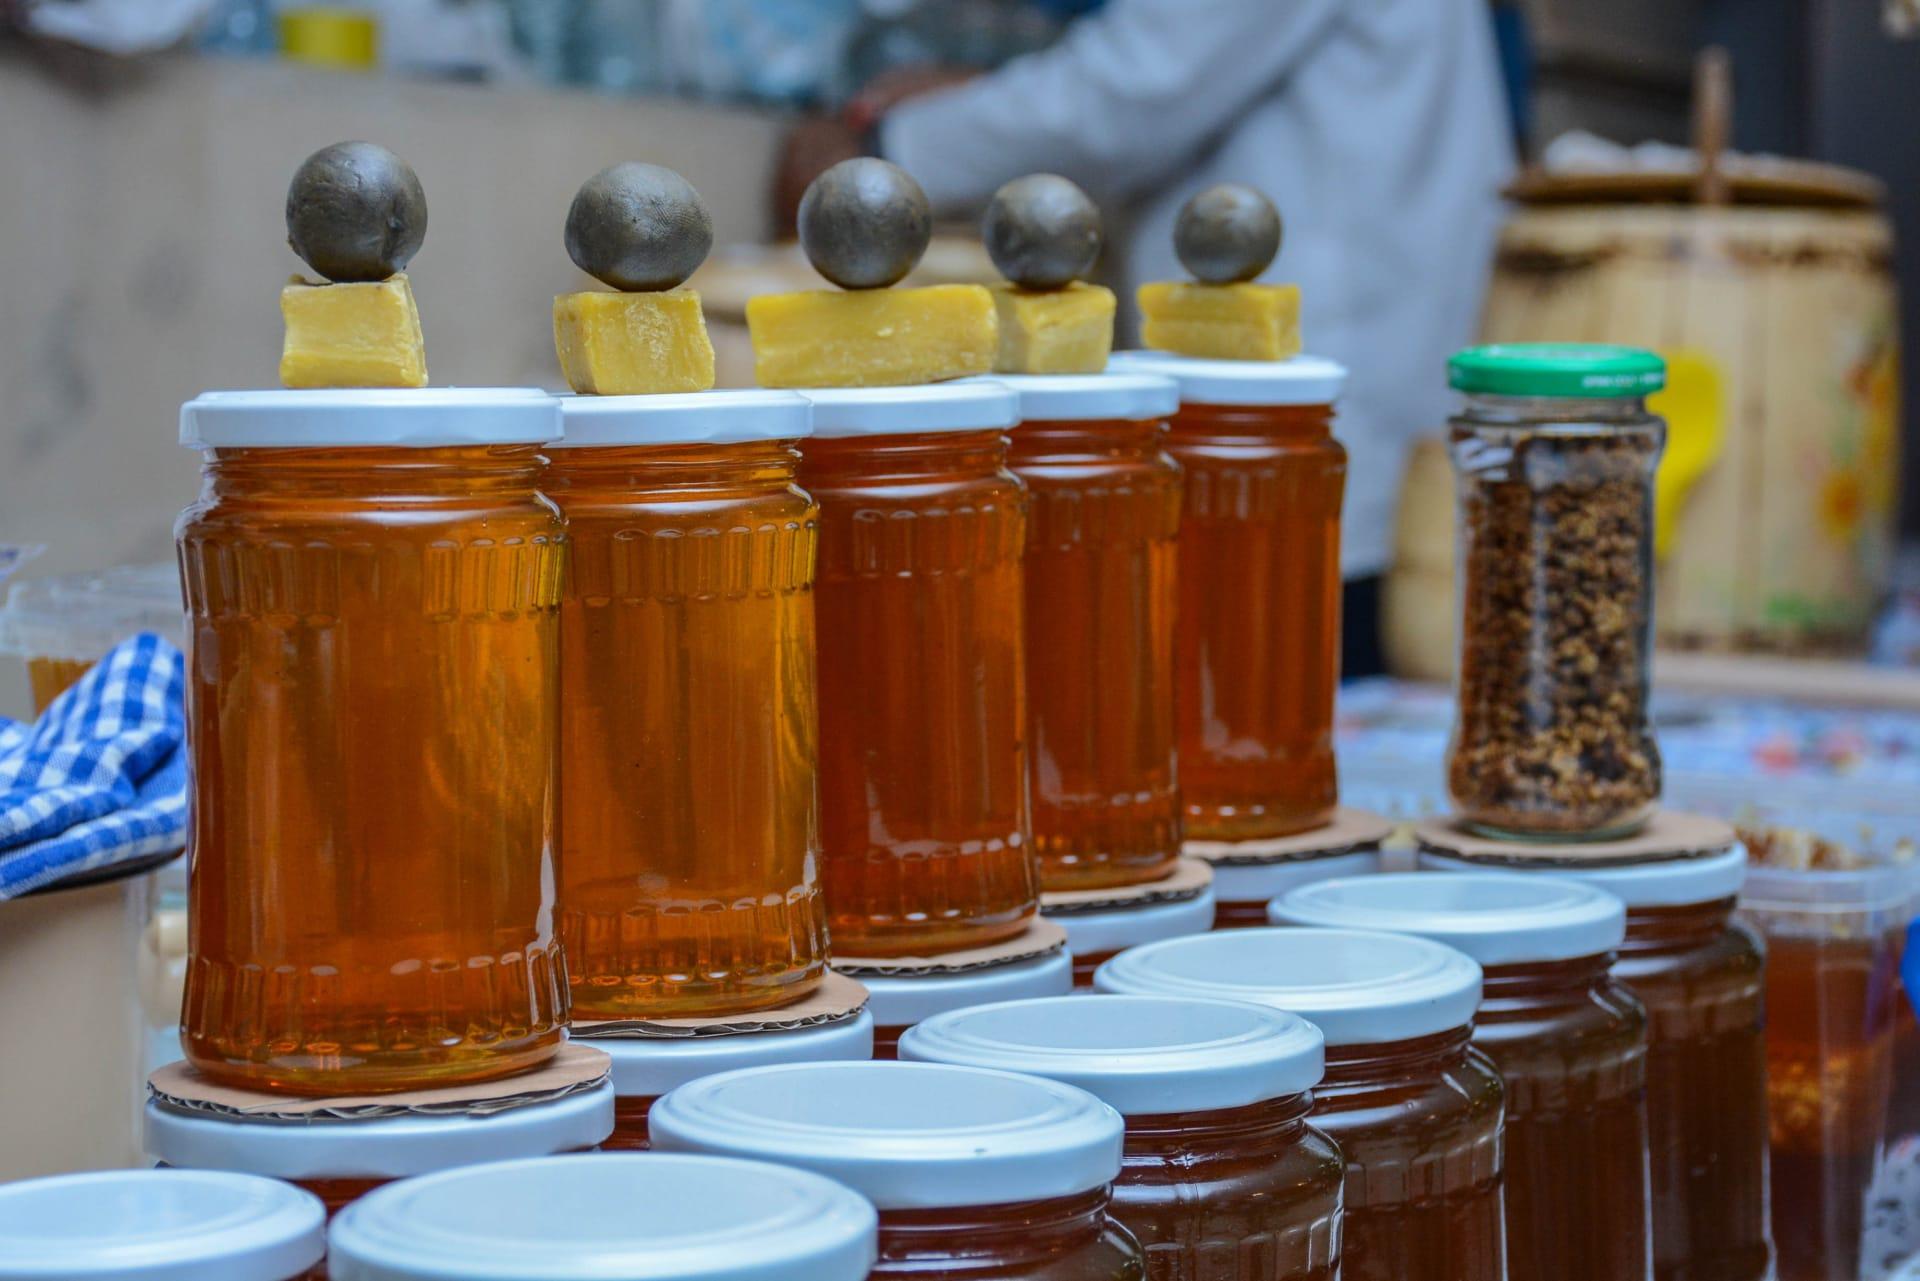 هذا السائل ذهبي يُستخدم لأغراض طبية في أذربيجان.. ما هو؟